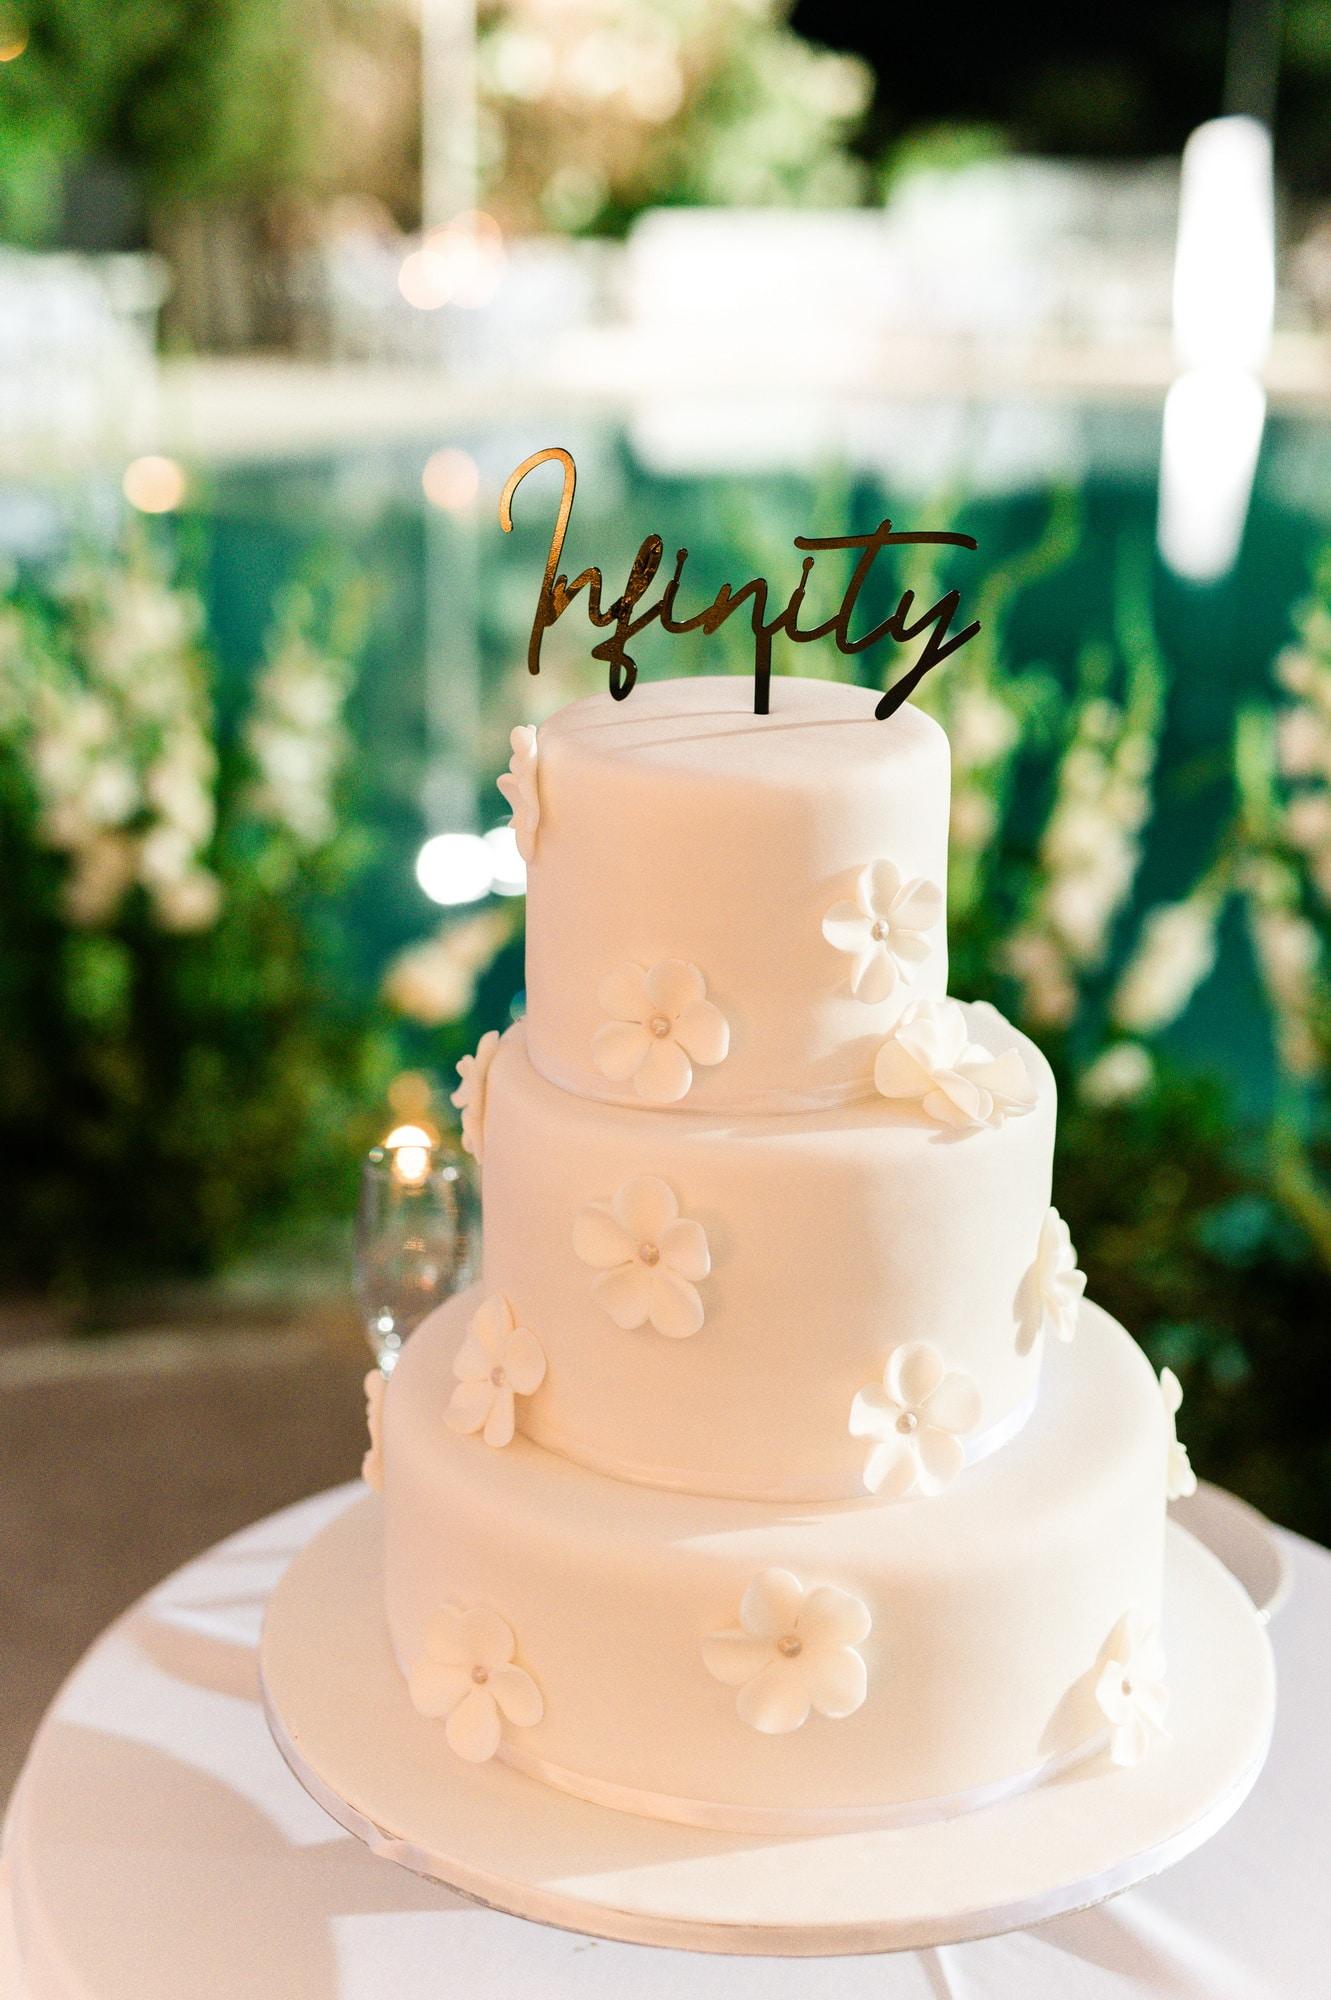 Υπέροχη τριώροφη τούρτα γάμου